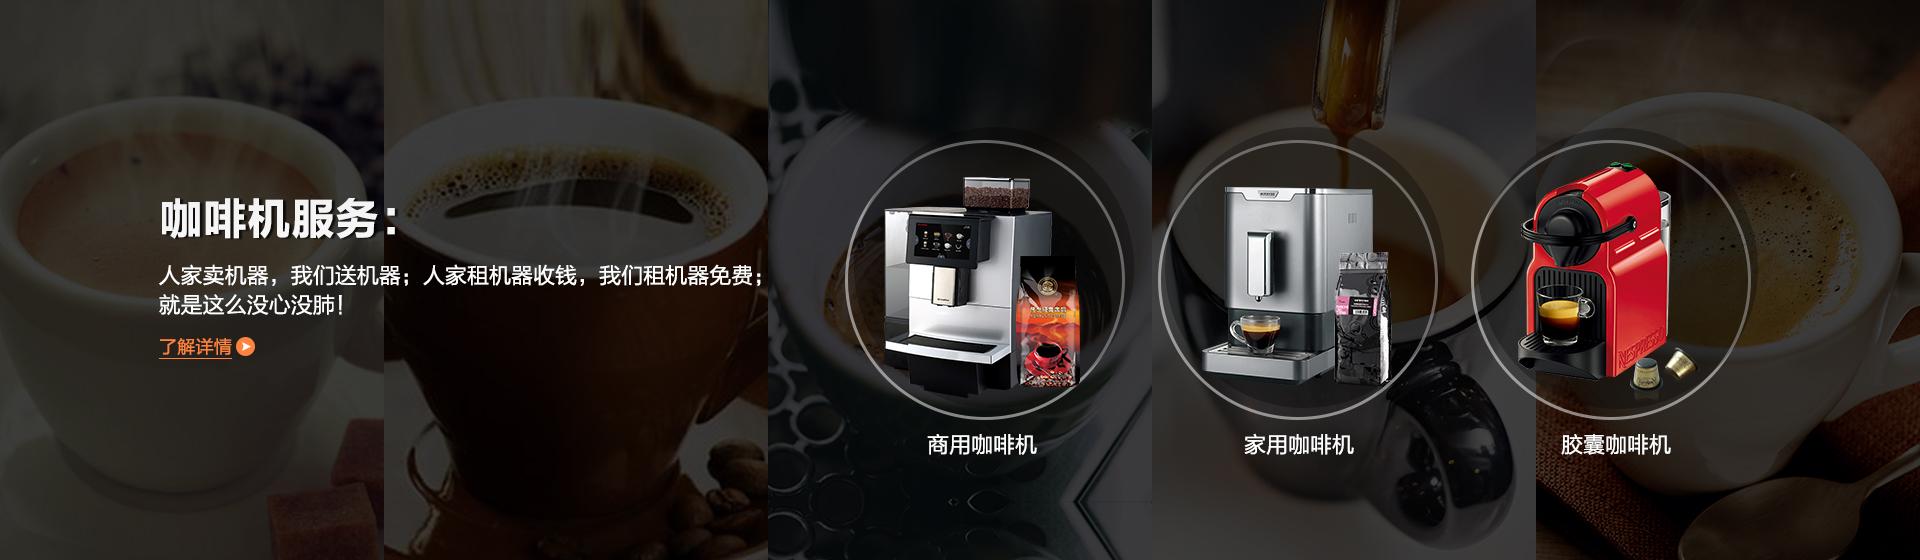 咖啡机服务